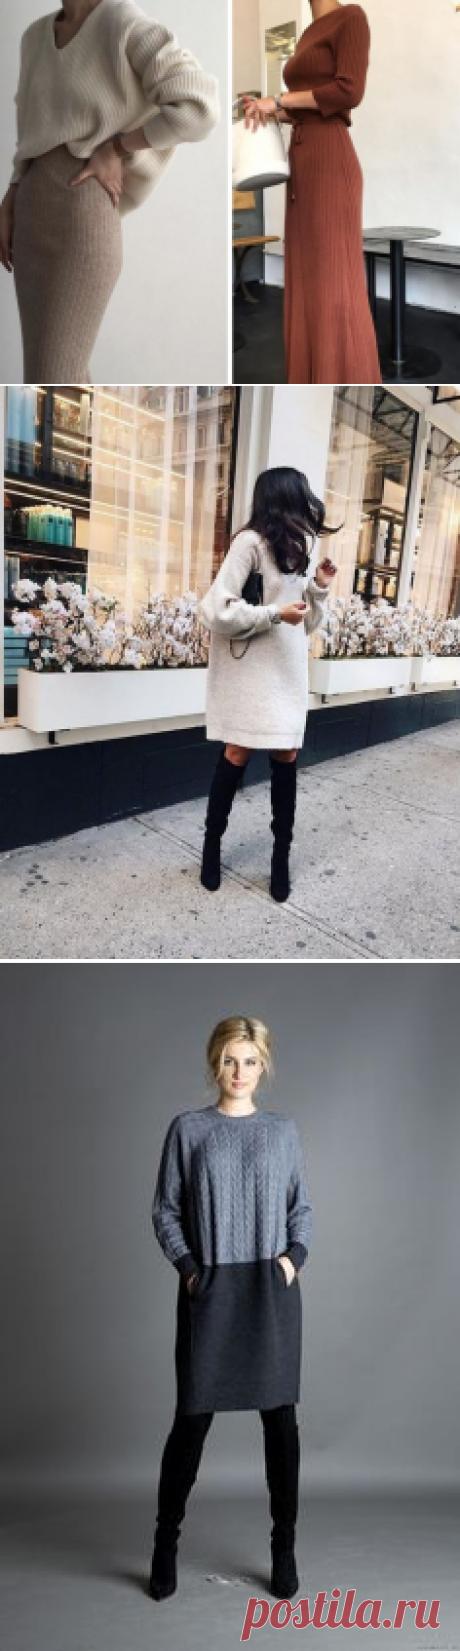 Как носить теплые вещи стильно. – В РИТМІ ЖИТТЯ